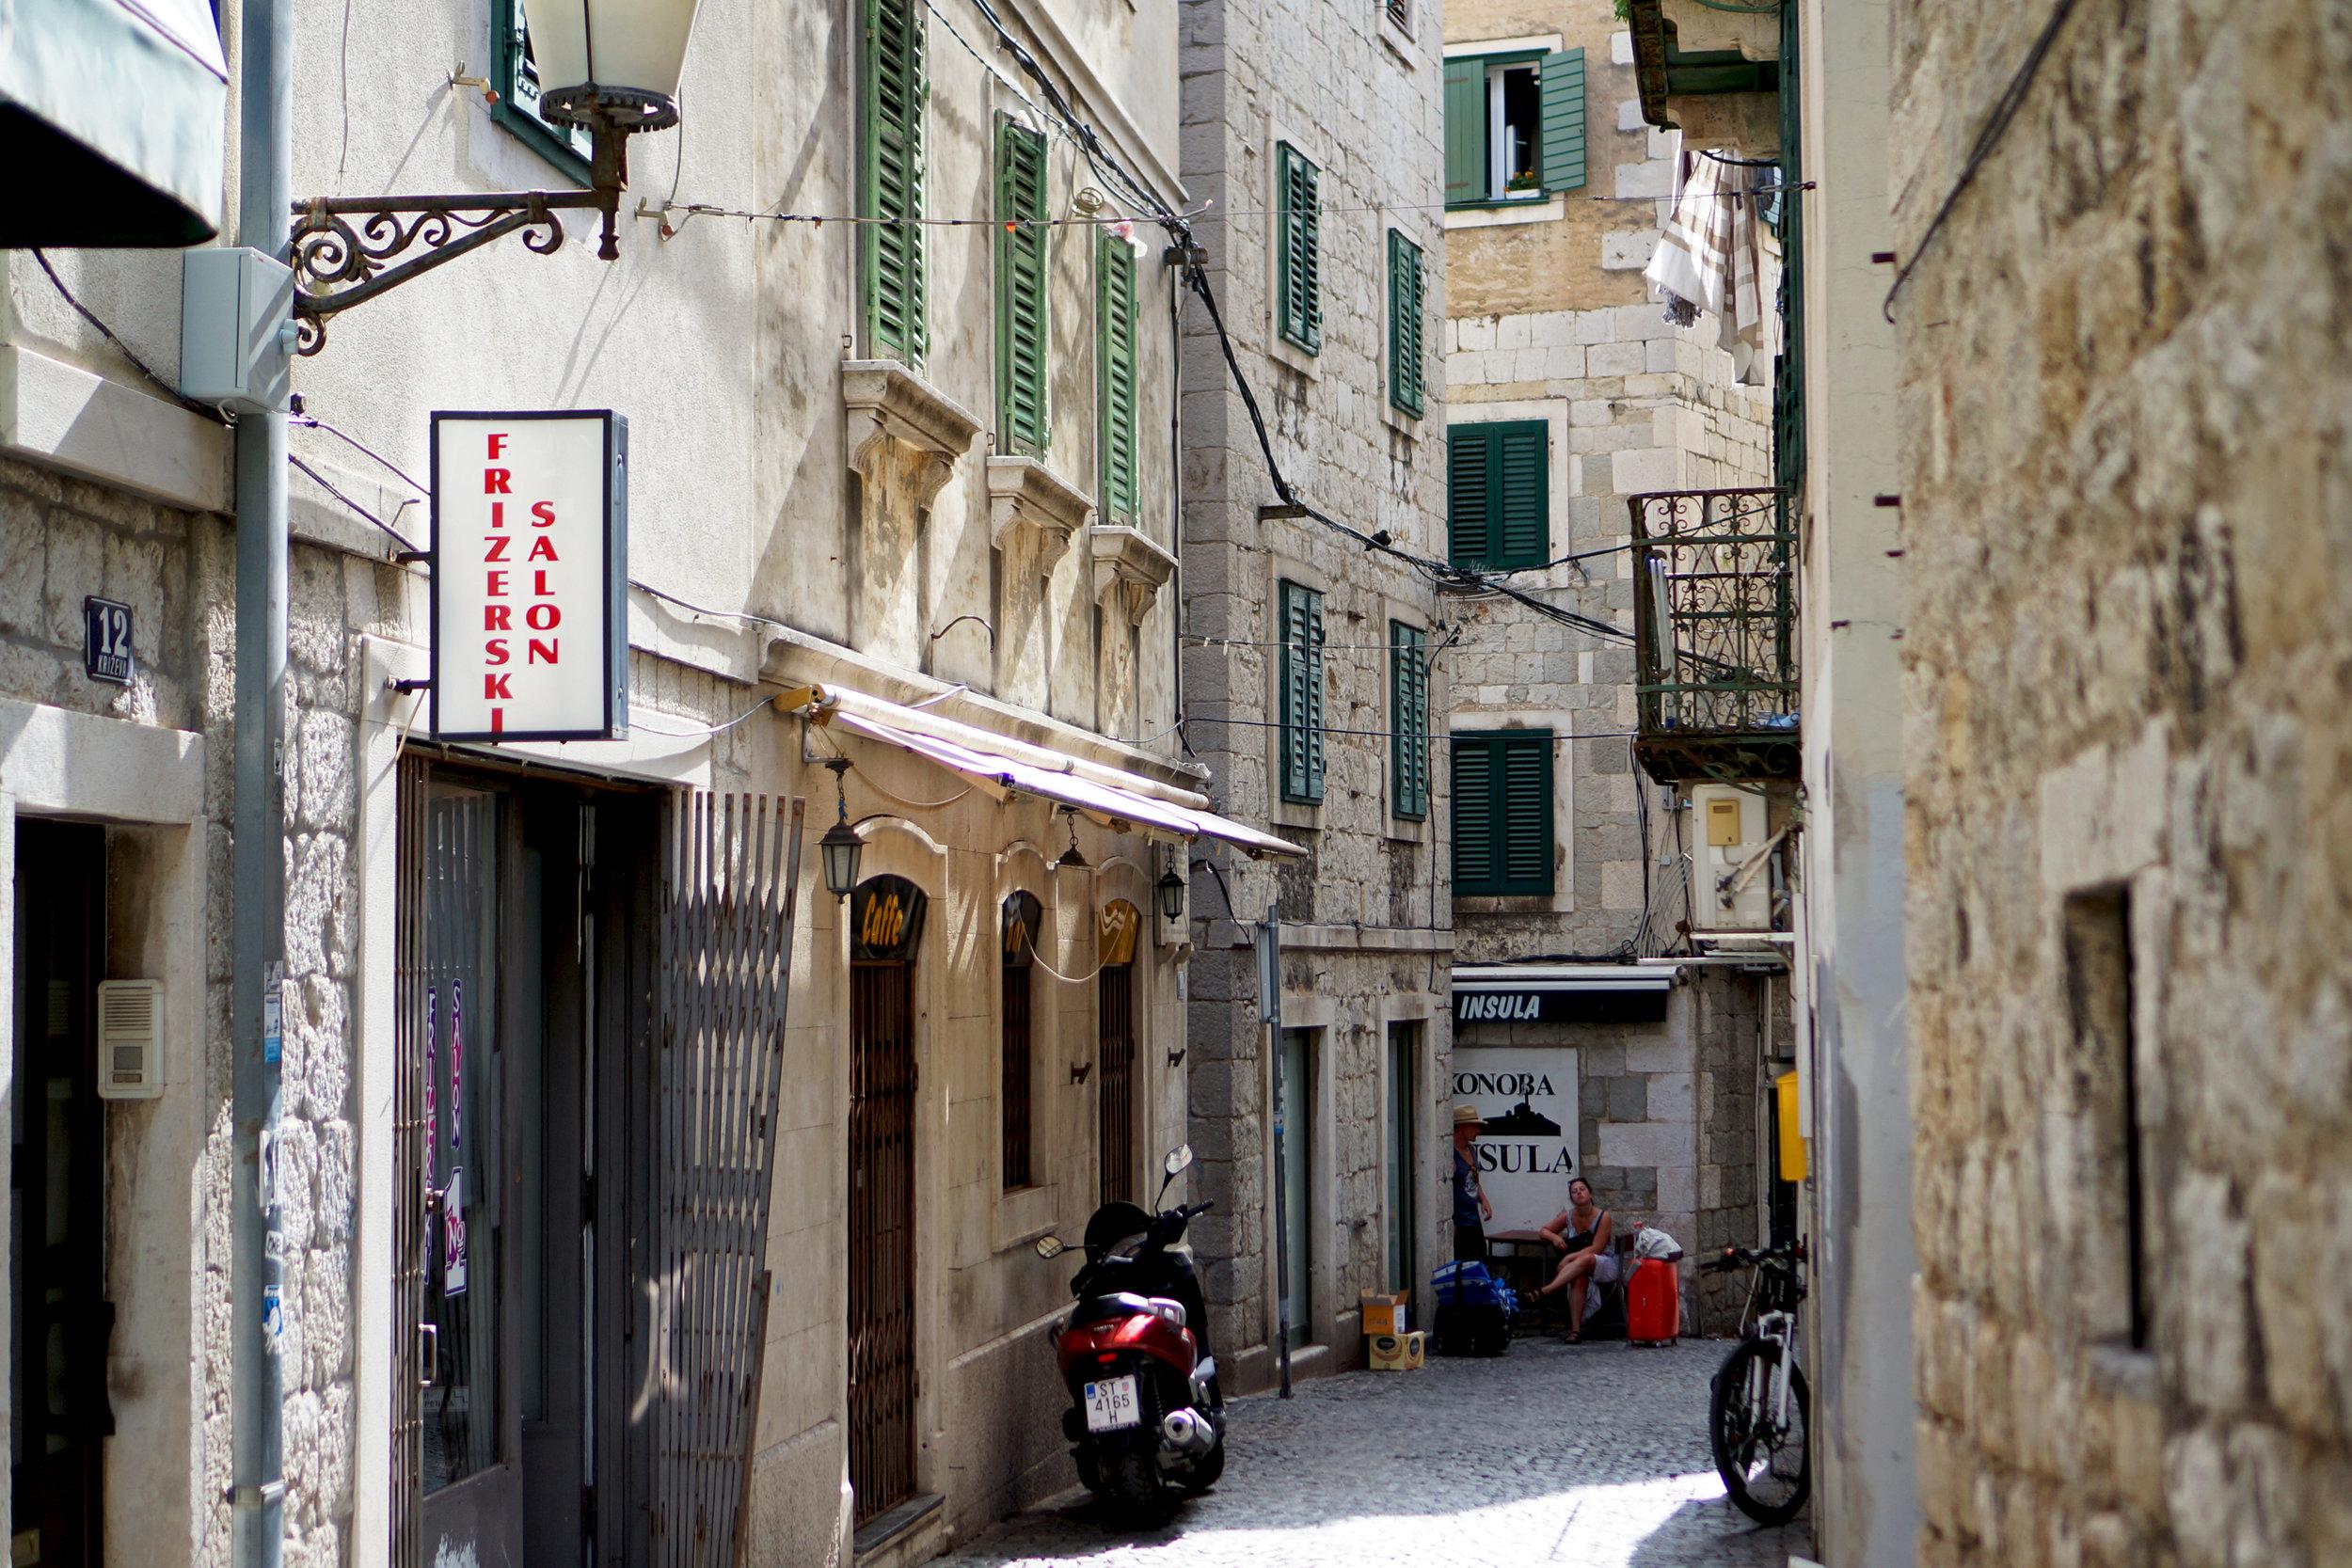 3.SplitStreet.jpg